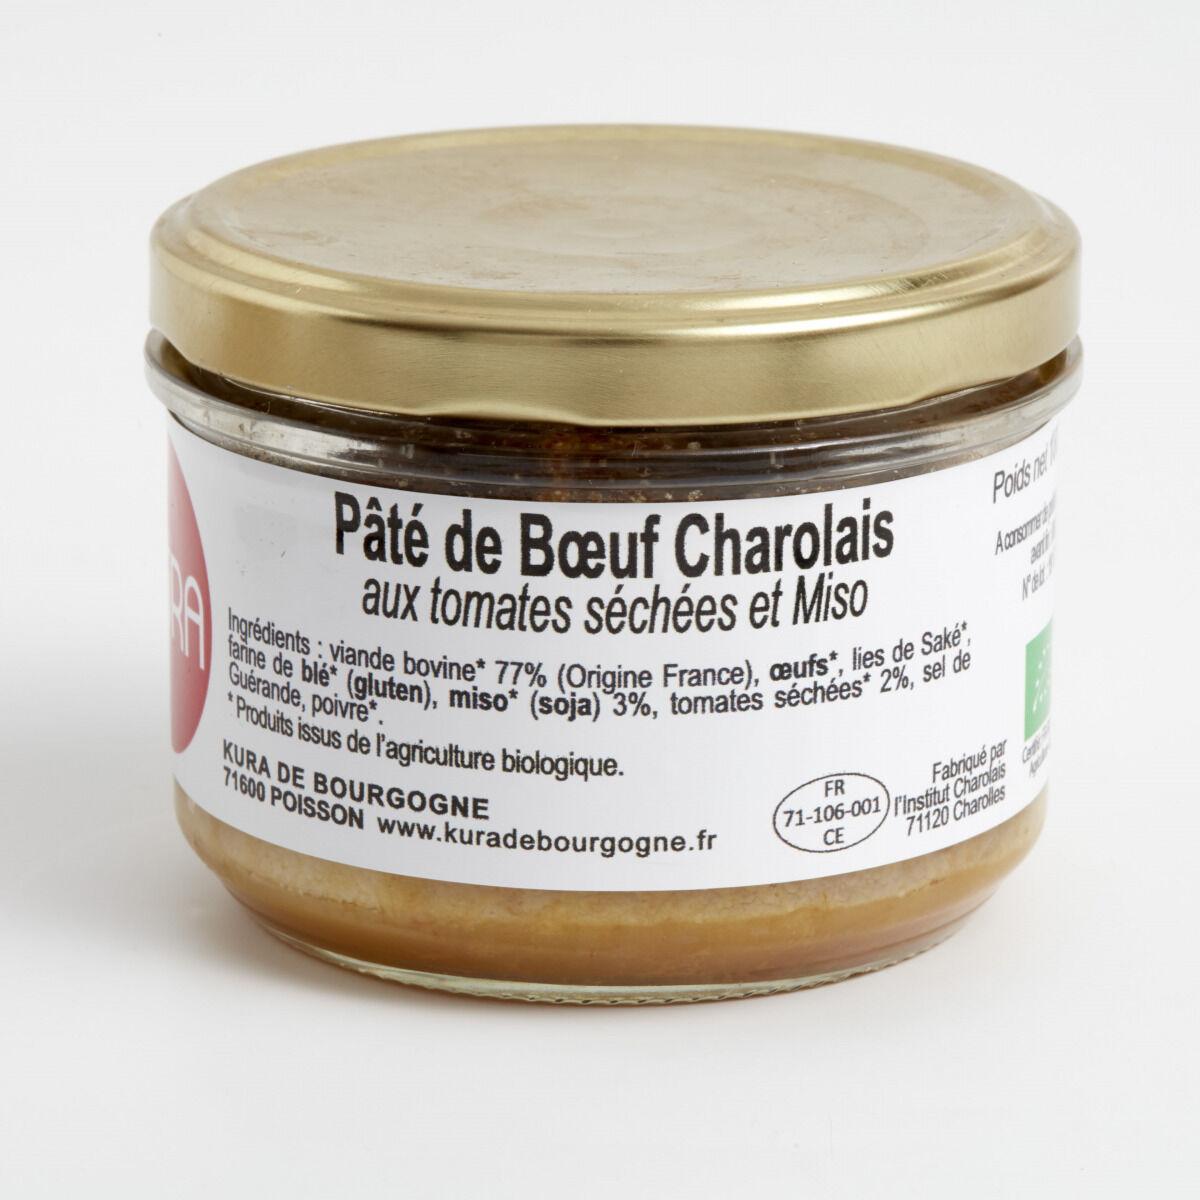 Kura de Bourgogne Pâté de Bœuf Charolais au Miso et Tomates Séchées Bio